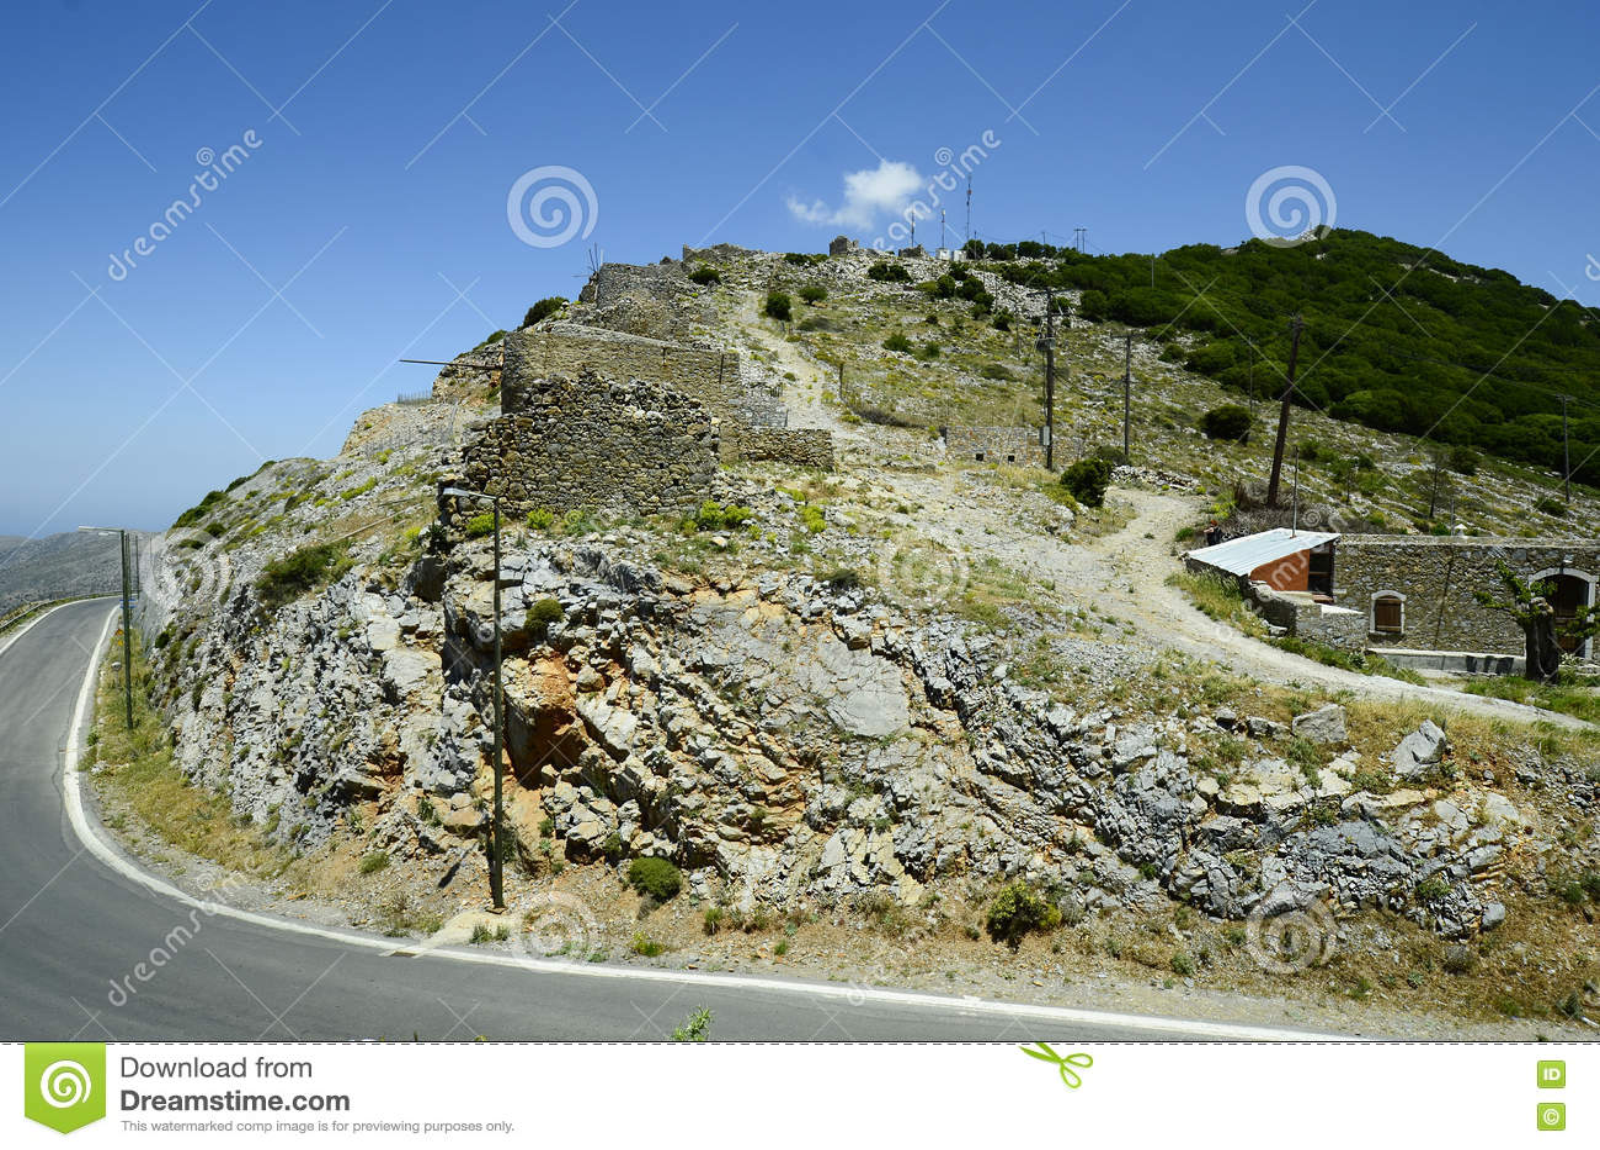 Griekenland, Kreta, ruïnes van windmolens